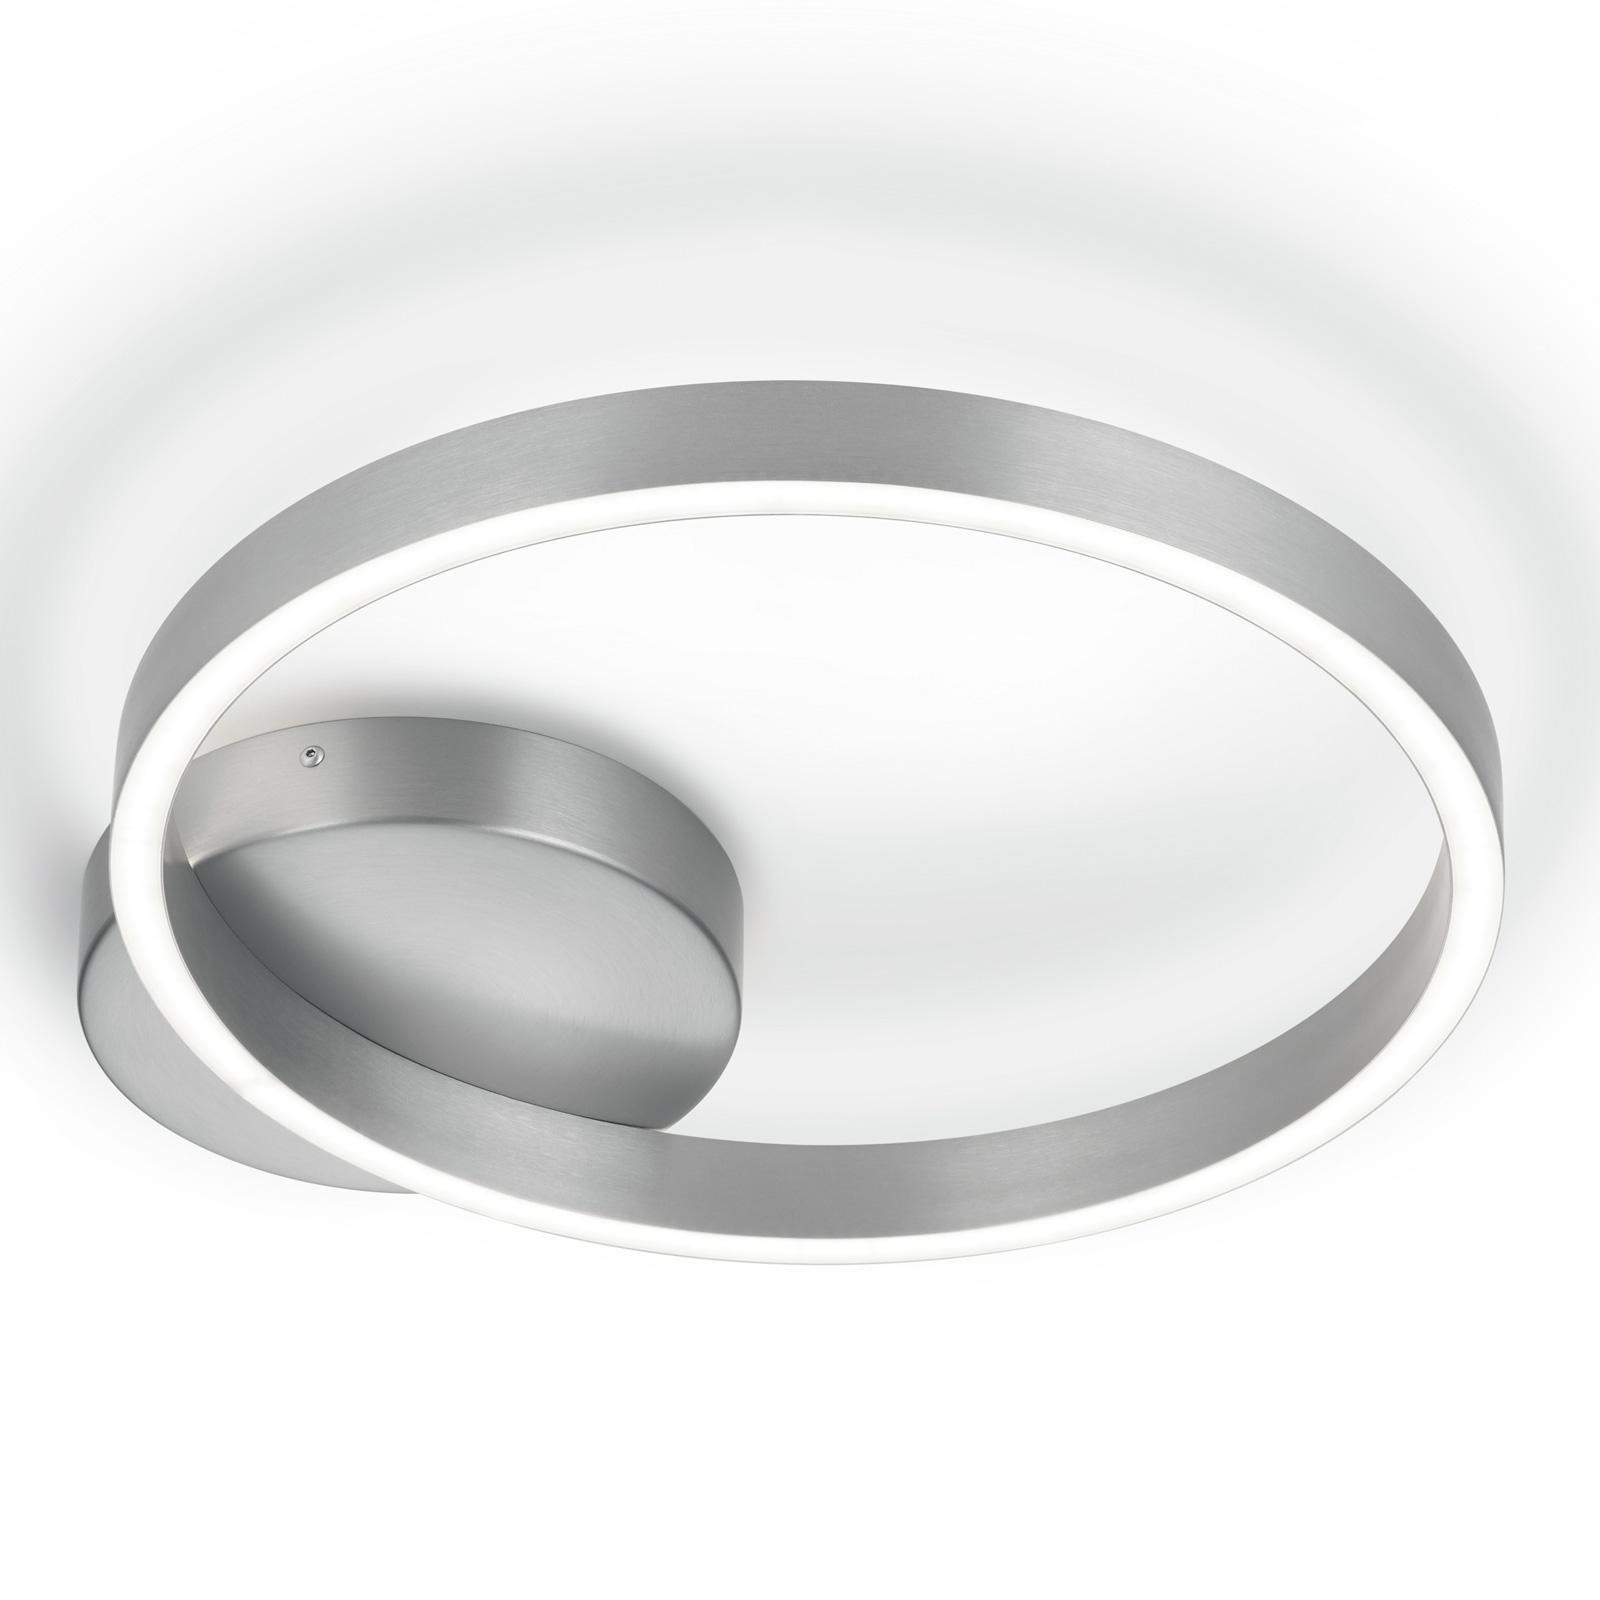 LED-Deckenleuchte Anel-40, direkt / indirekt